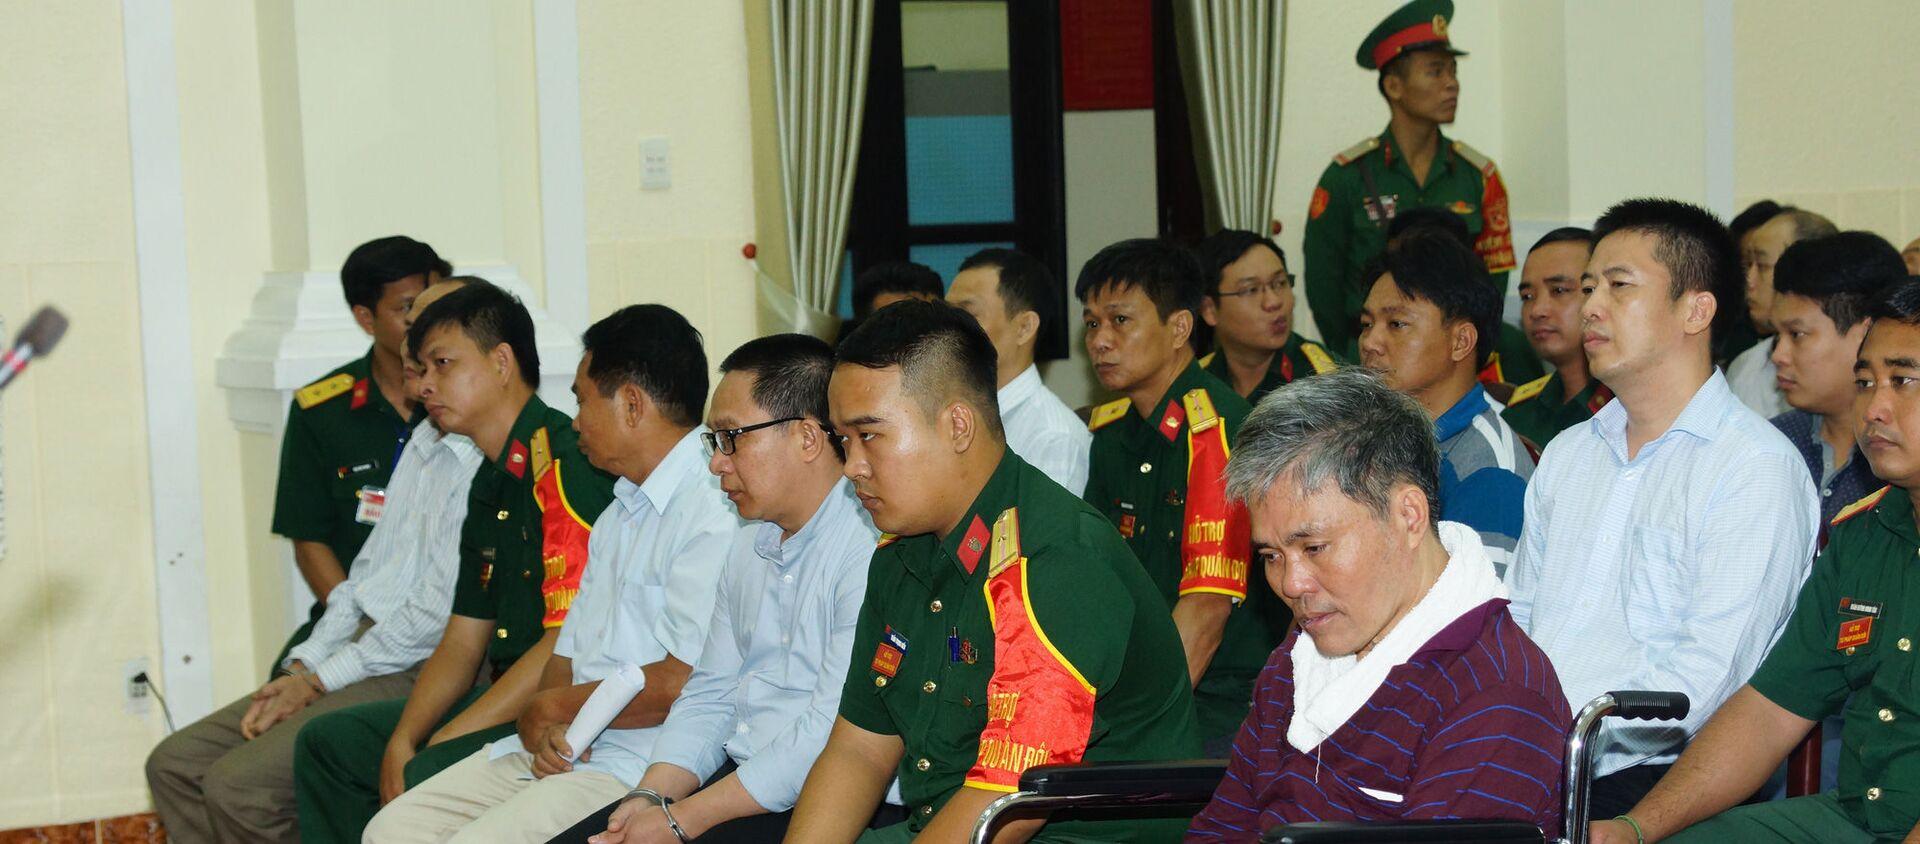 Bị cáo Trần Văn Đồng ngồi xe lăn đến tòa do bị tai biến - Sputnik Việt Nam, 1920, 31.12.2019